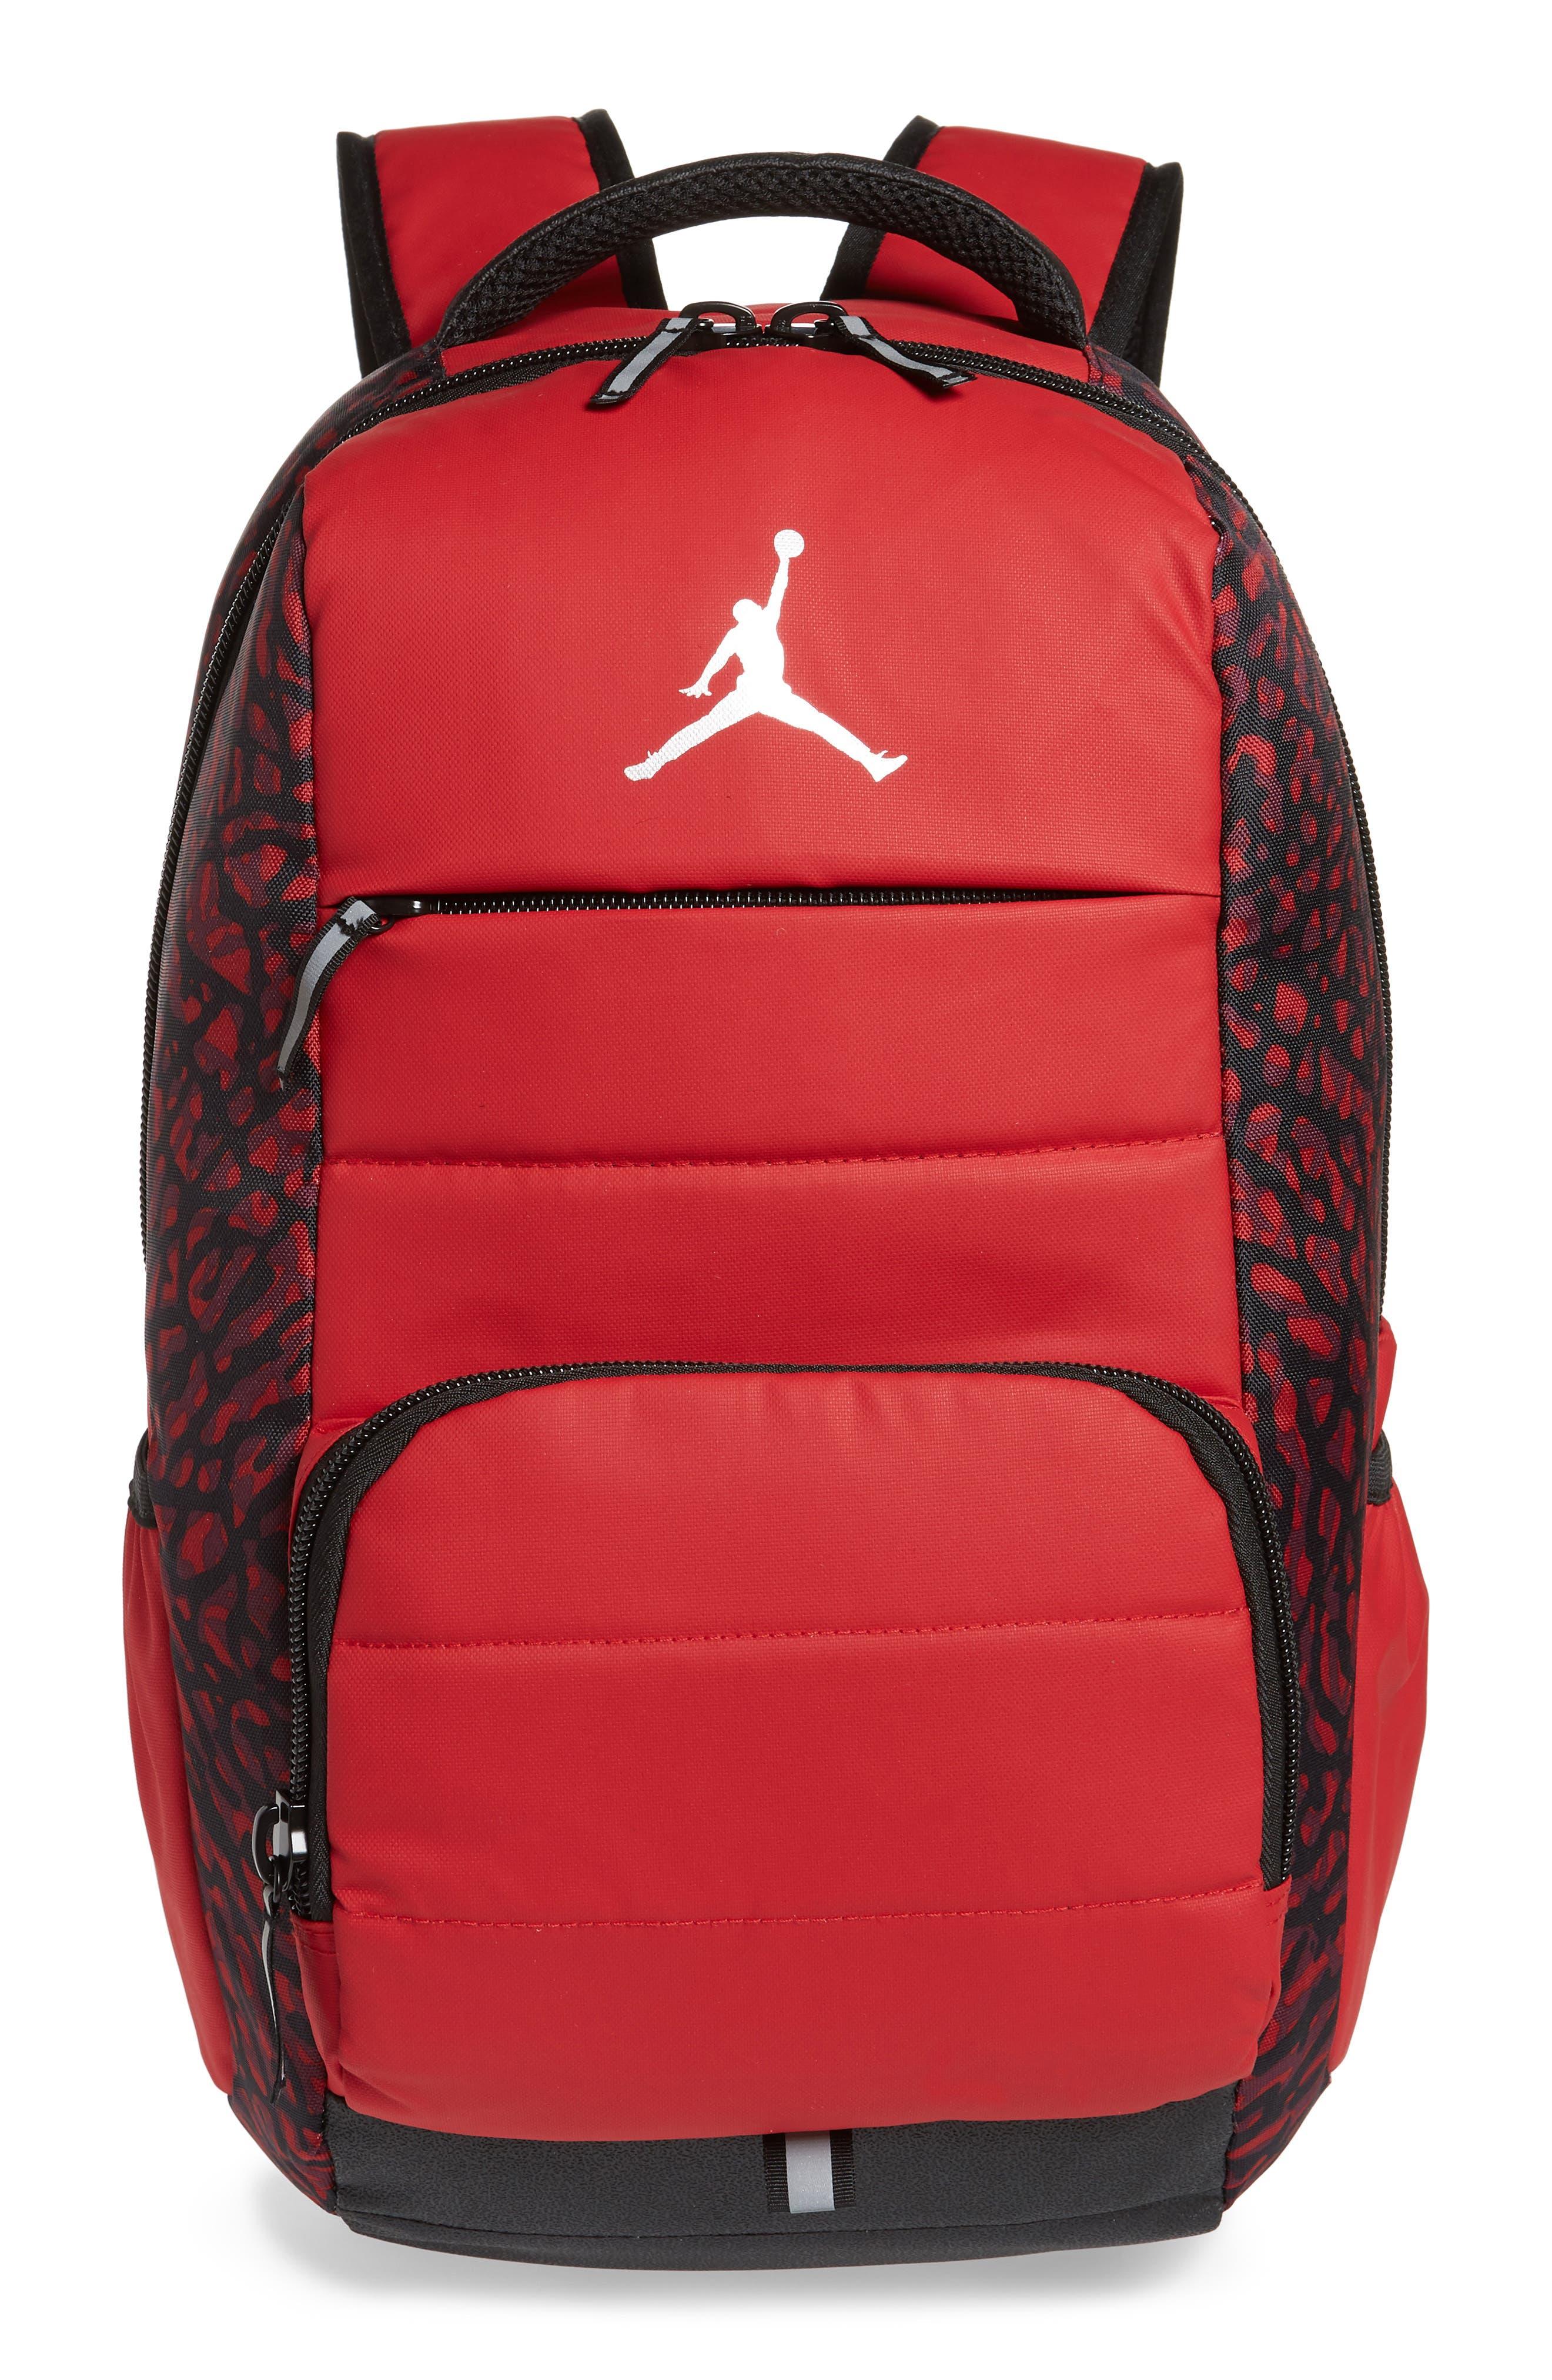 Boys Jordan All World Backpack  Red